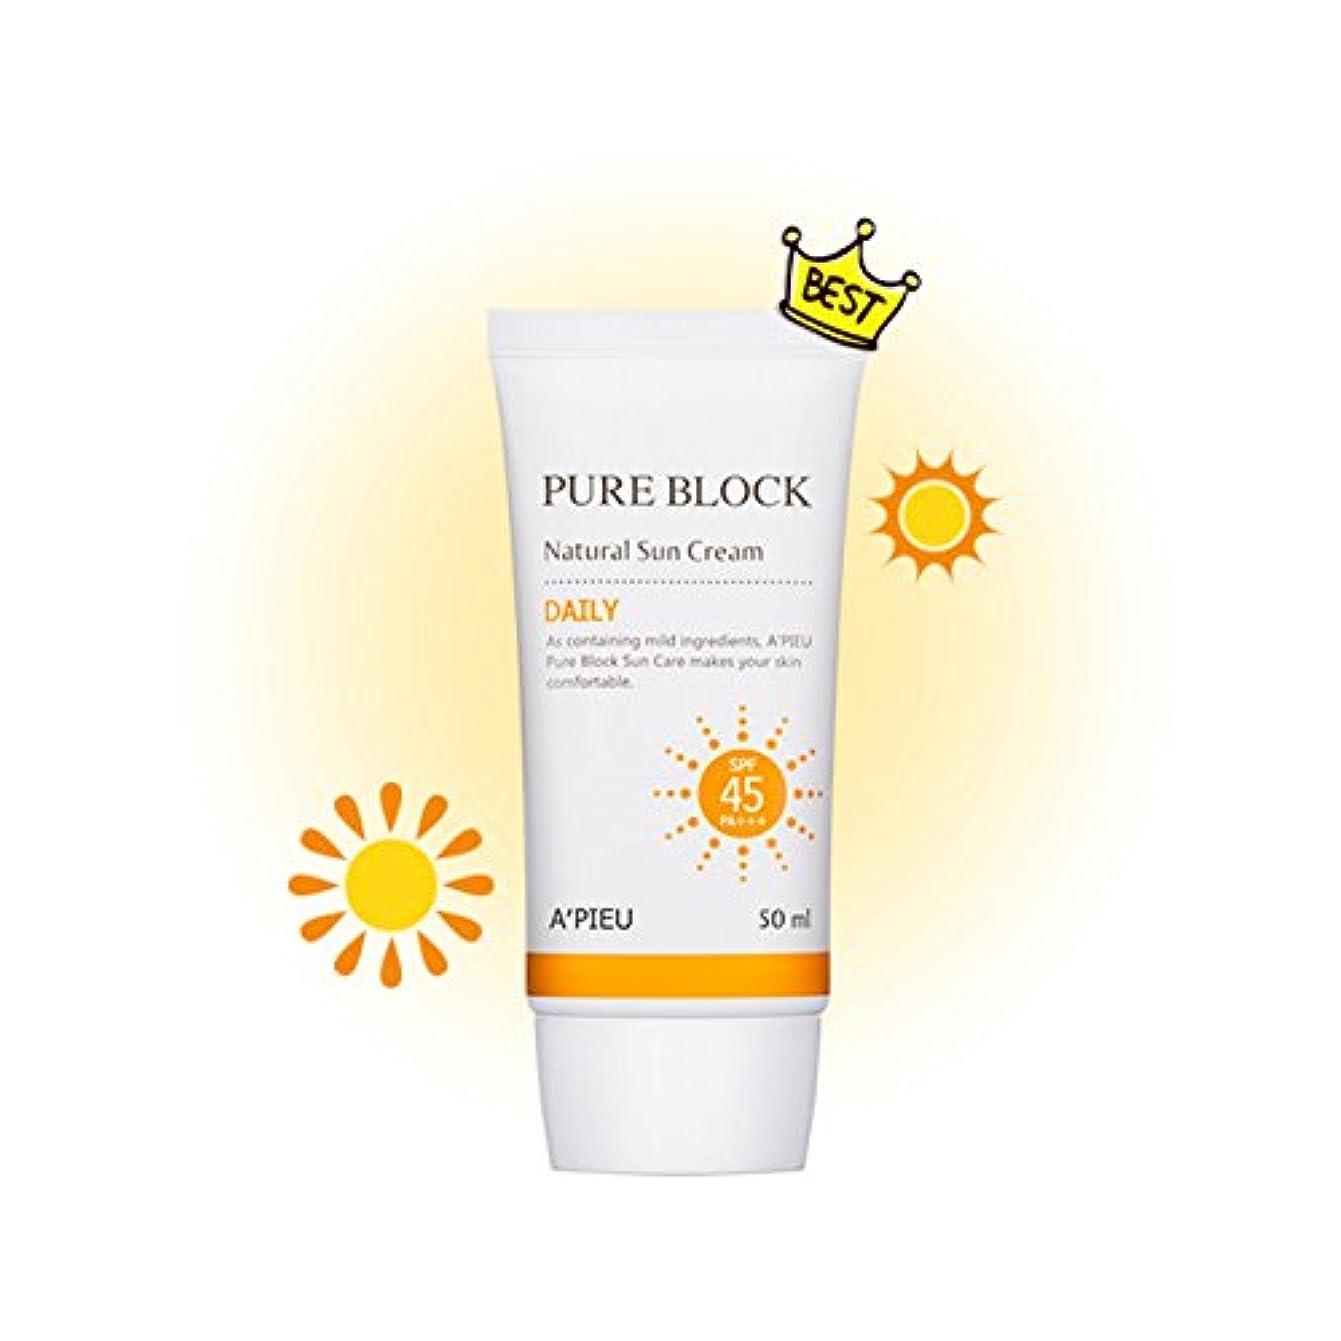 きらきら想像する破壊[オピュ] A'PIEU ピュアブロックナチュラルデイリー日焼け止め Pure Block Natural Daily Sun Cream SPF 45 PA+++ [並行輸入品]